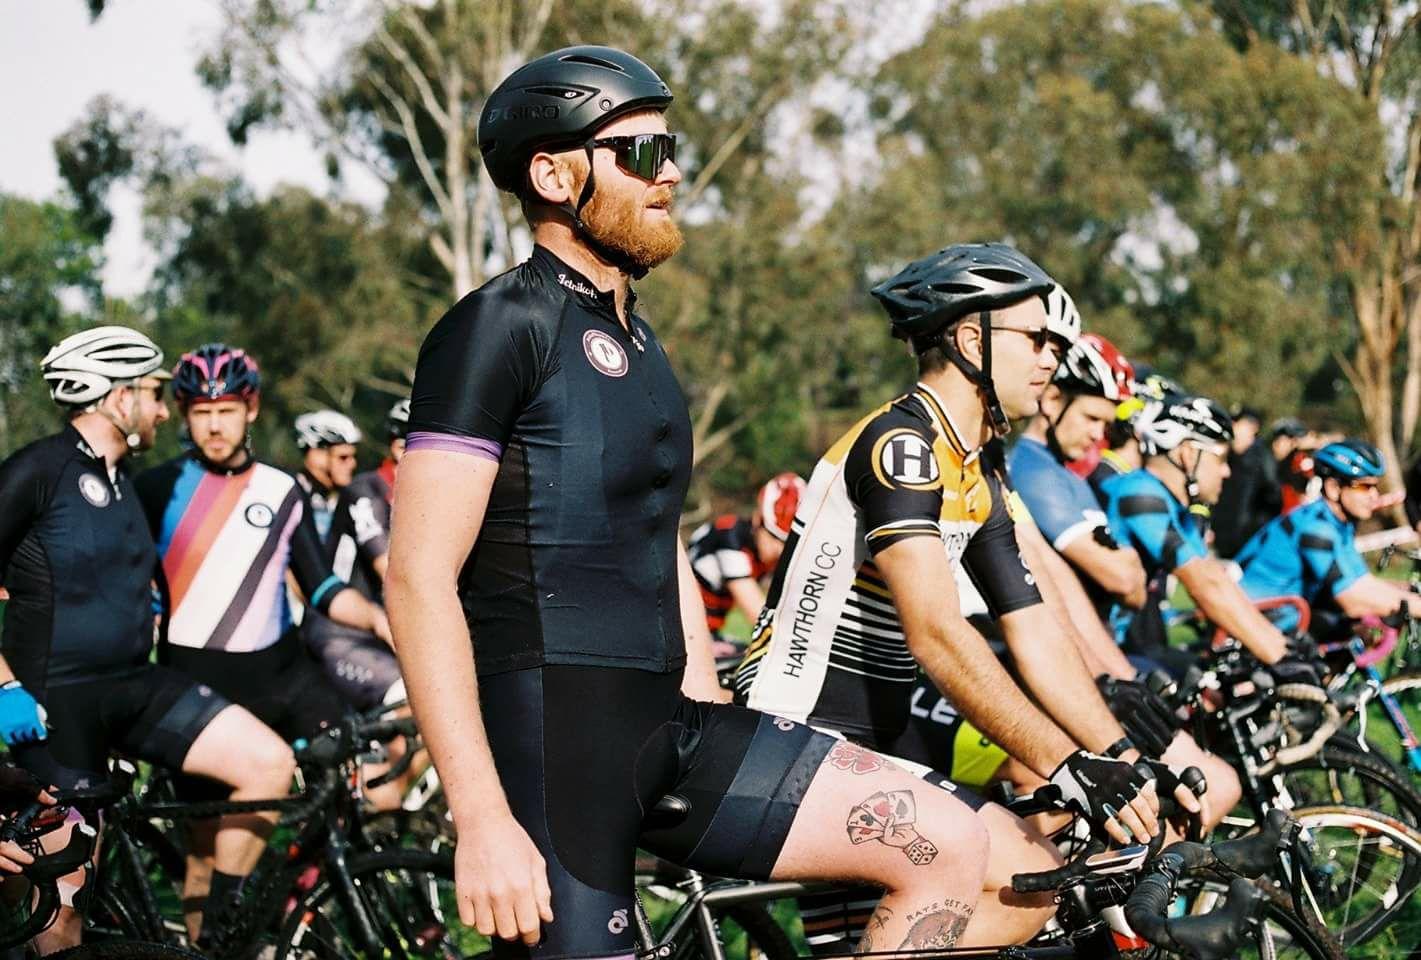 DDCX cyclocross, Darebin Parklands, @bigtakeover